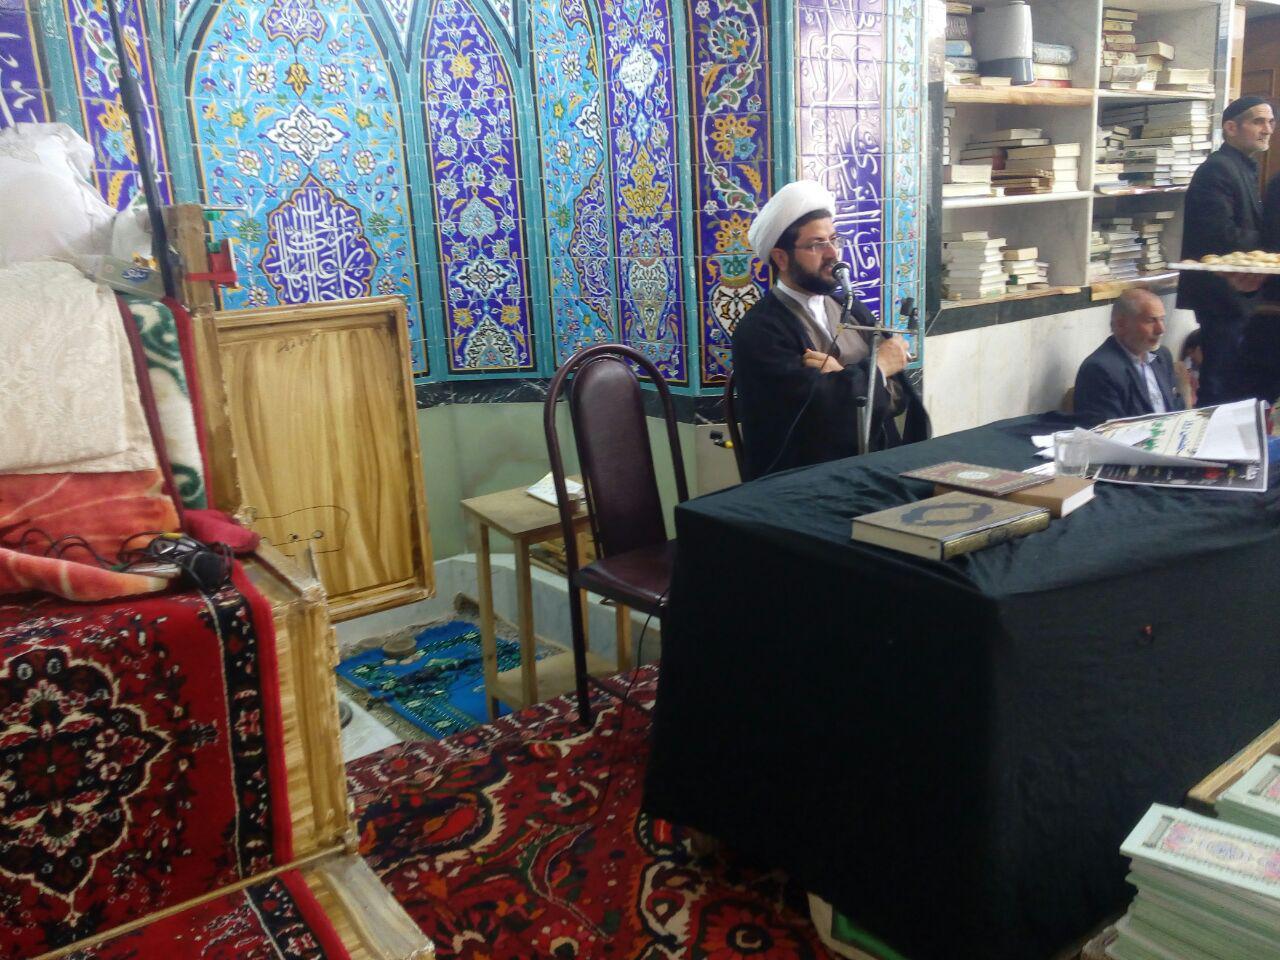 حضور و سخنرانی امام جمعه محترم شهر قهدریجان در مراسم حاجیه خانم صفاری در مسجد کاظمیه